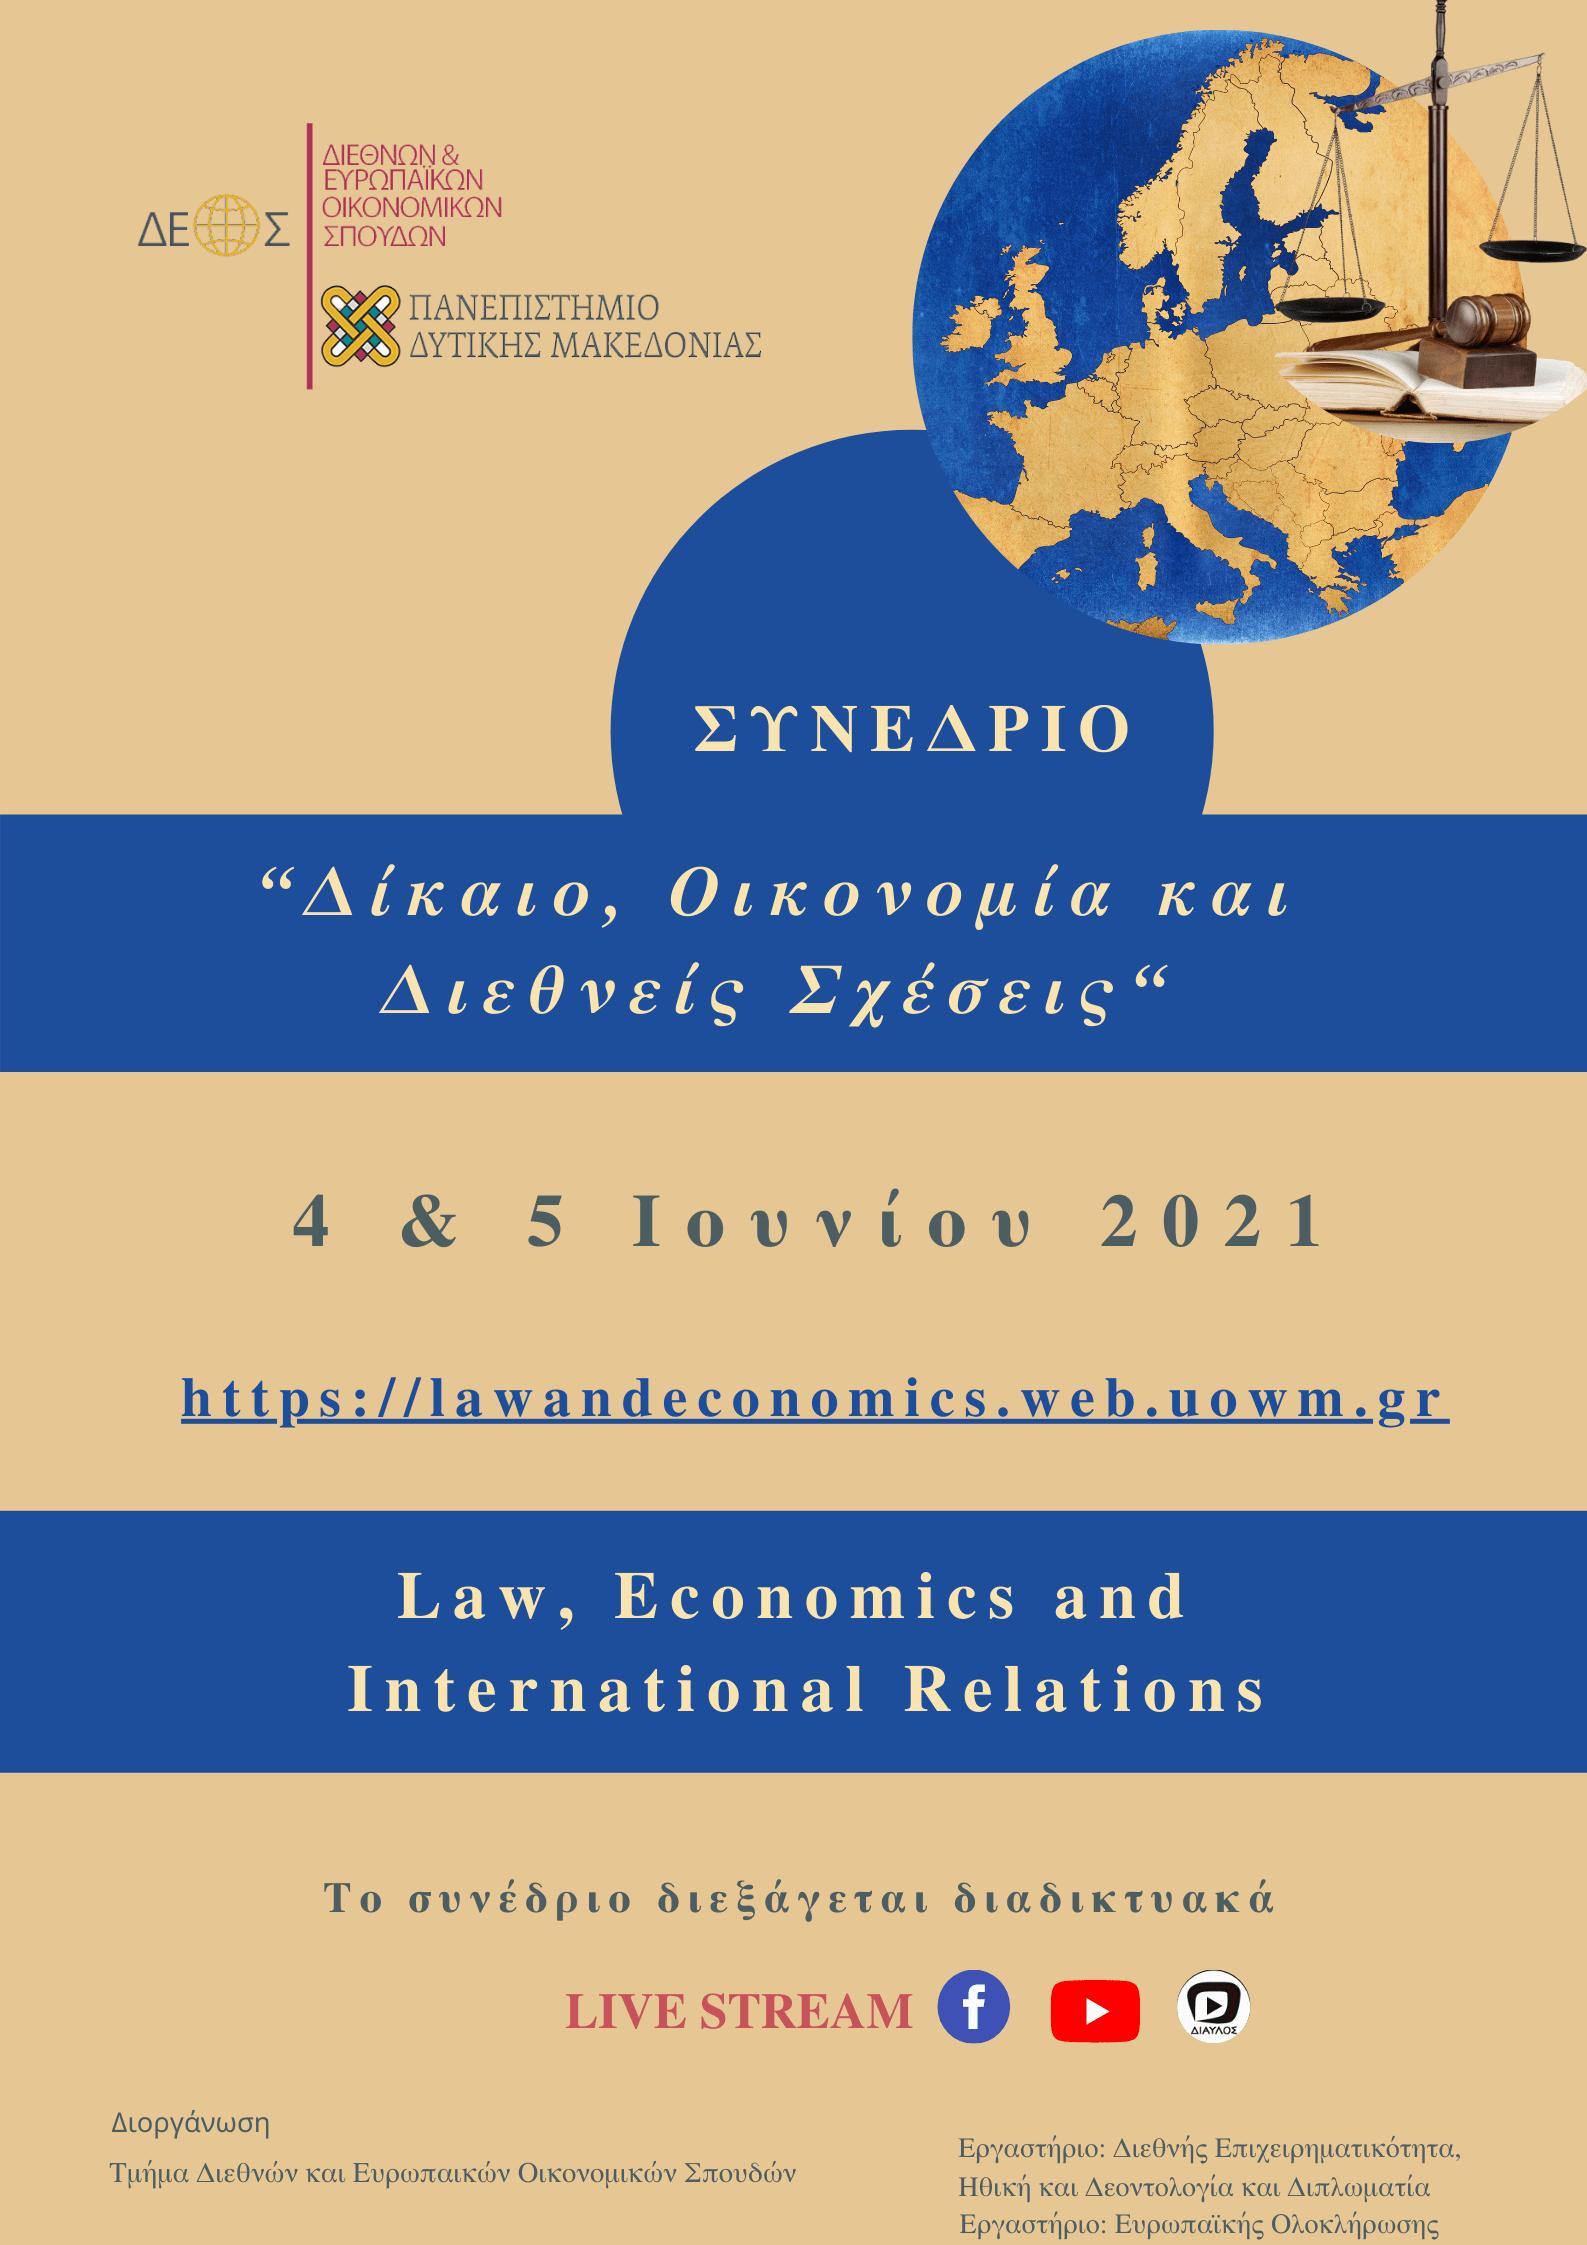 1Ο Πανελλήνιο Συνέδριο με θέμα «Δίκαιο, Οικονομία και Διεθνείς Σχέσεις». Τμήμα Διεθνών και Ευρωπαϊκών Σπουδών Πανεπιστημίου Δυτικής Μακεδονίας